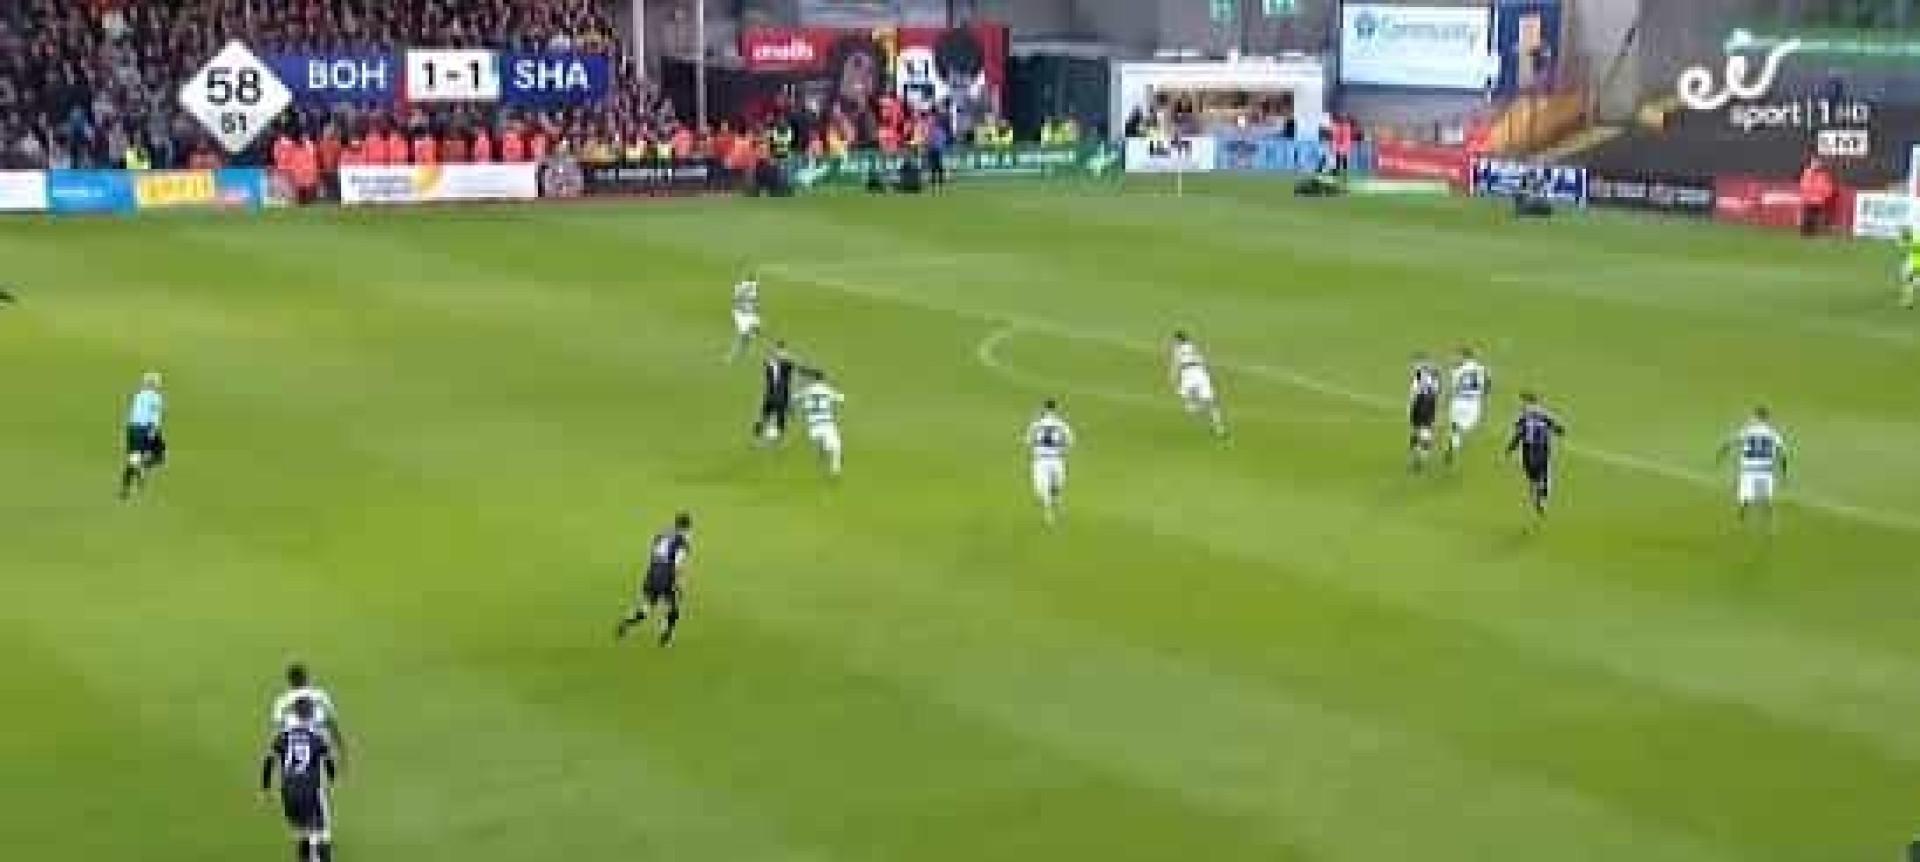 Danny Mandroiun fez este golo na Irlanda que promete correr o mundo